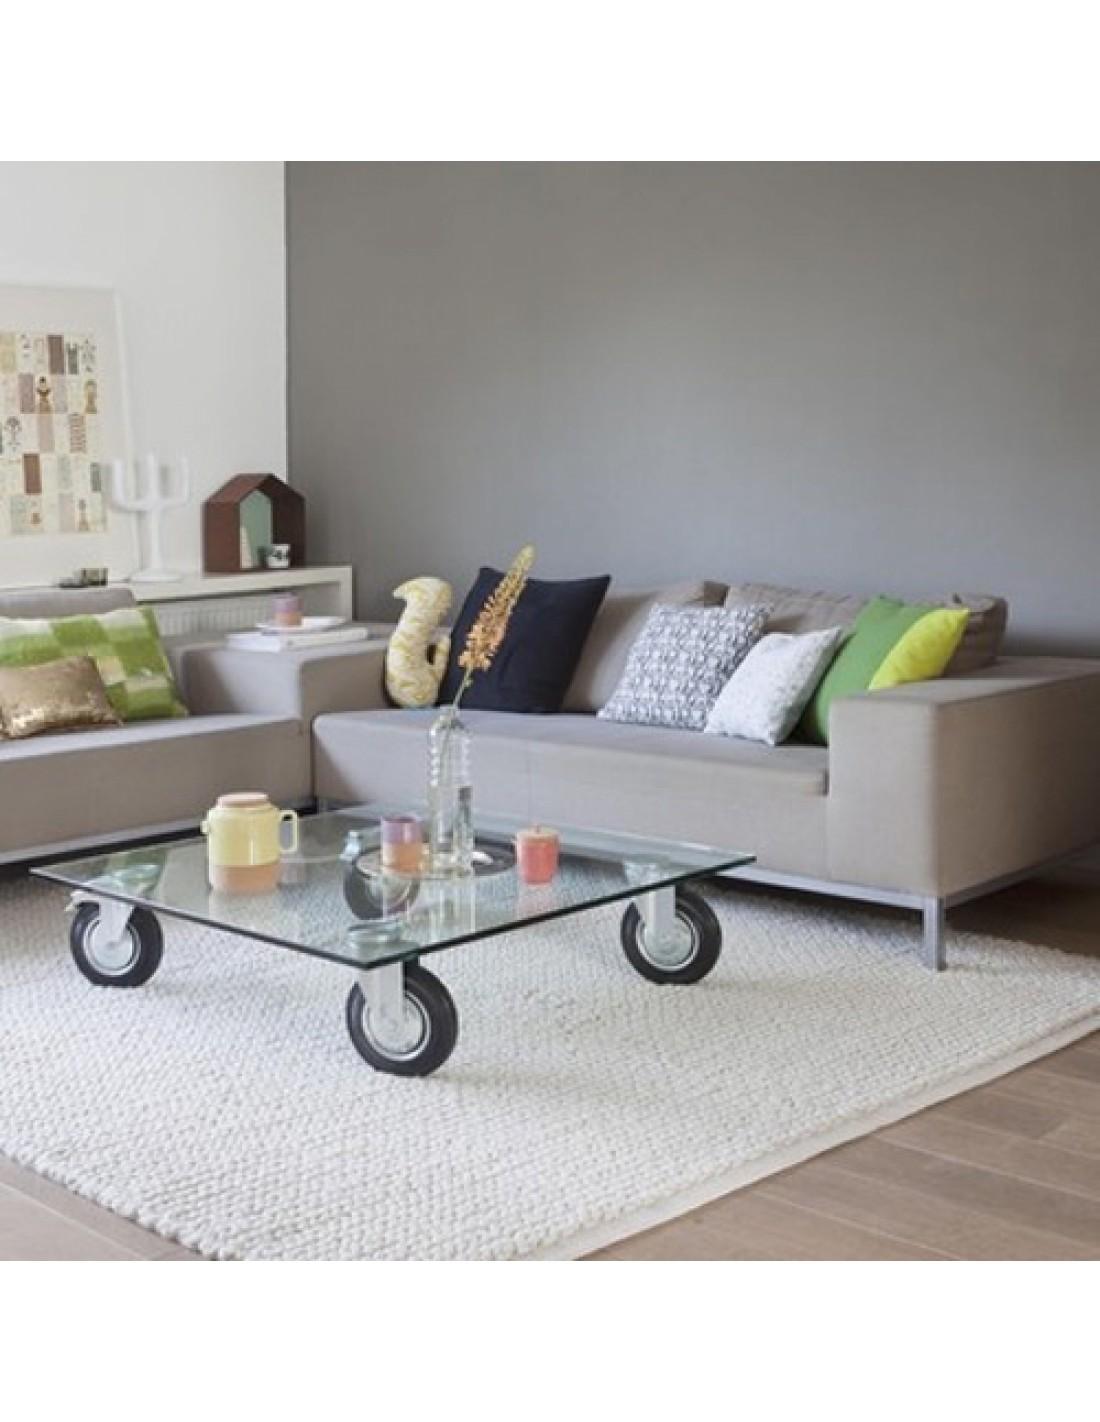 Table tavolo con ruote l120 ambiance salon fontana arte - Tavolo con ruote ...